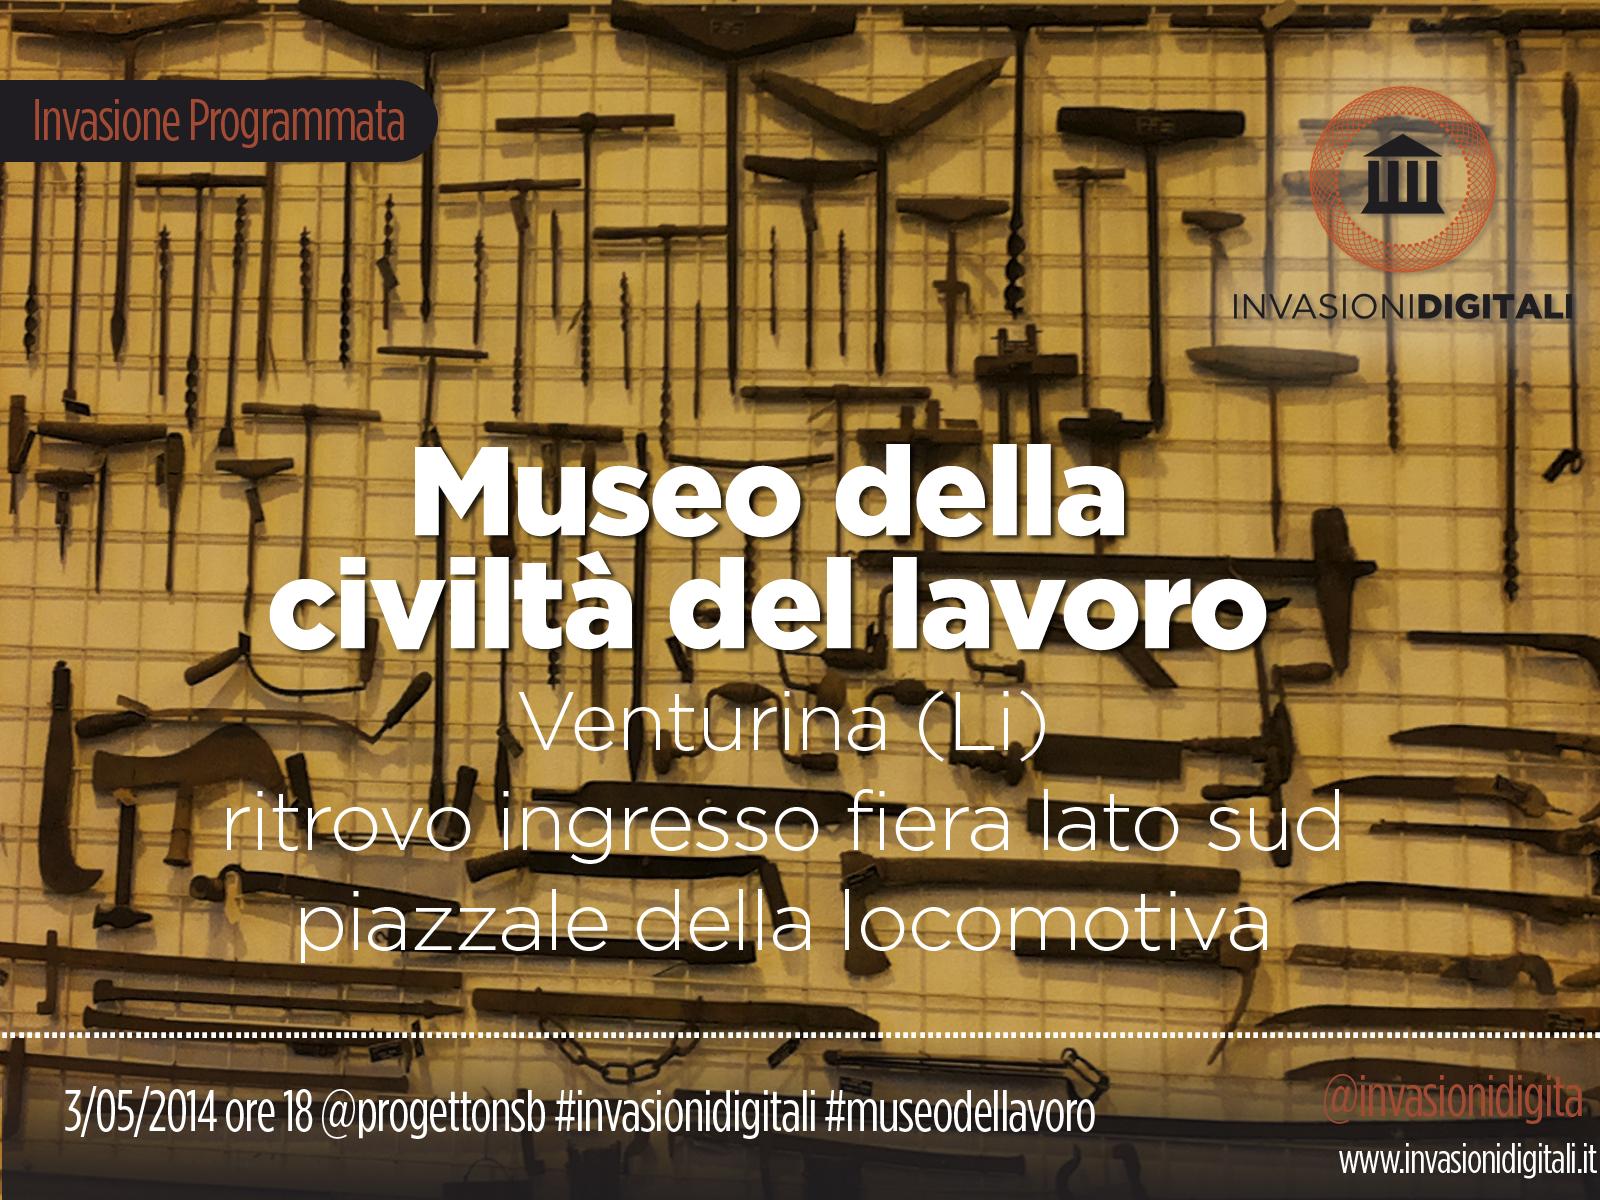 Invasione digitale Museo Venturina.jpg